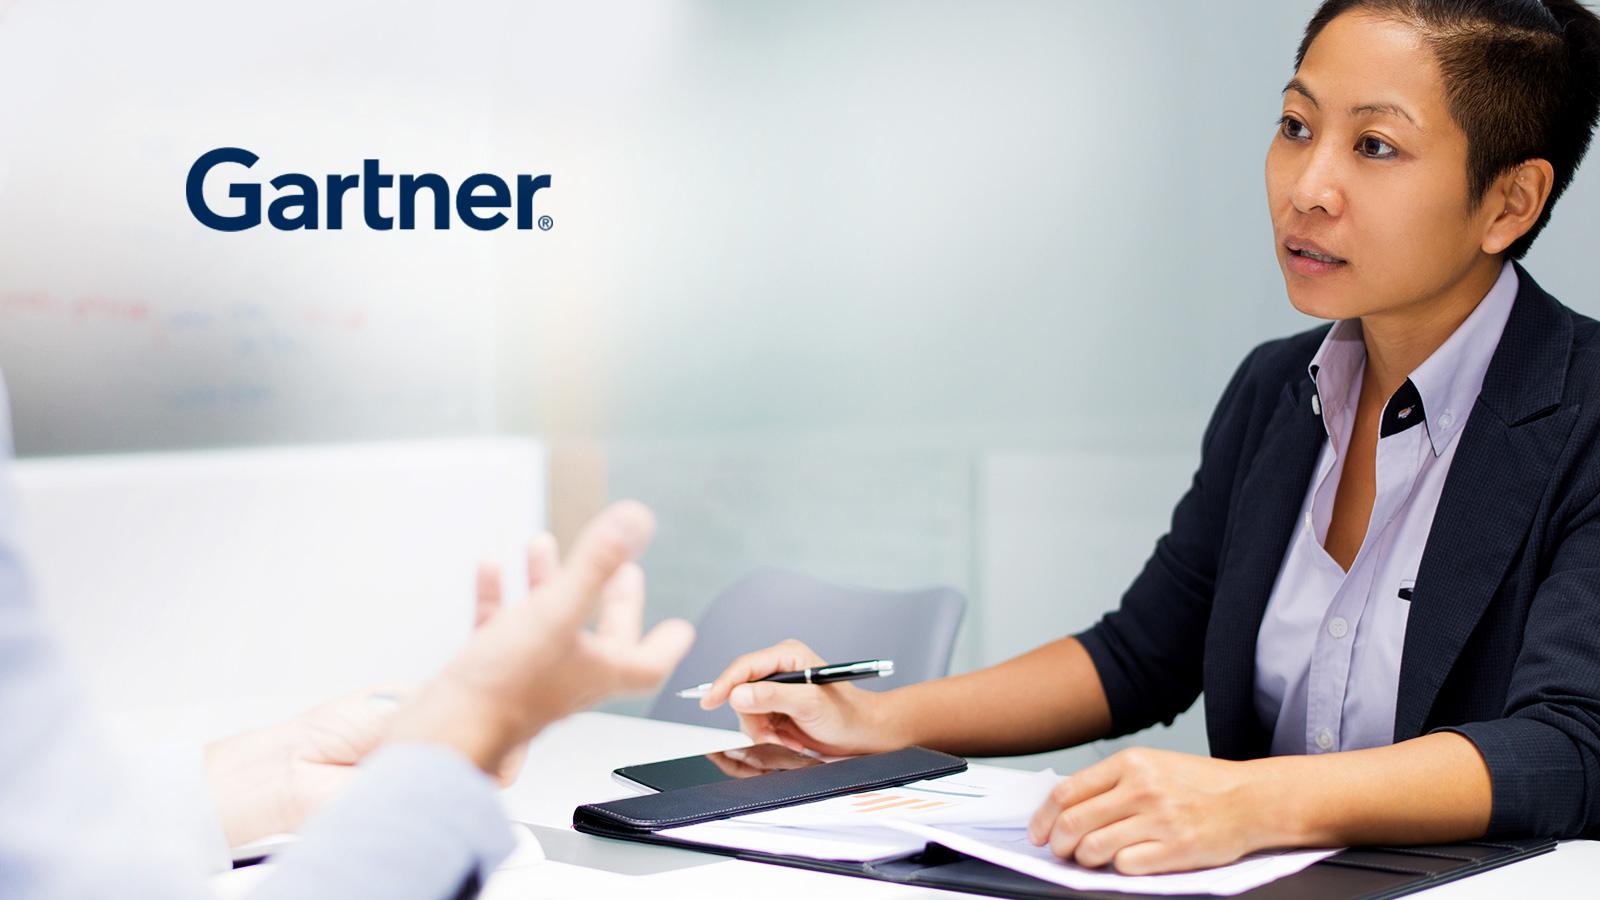 Gartner Identifies Top Three Priorities for HR Leaders in 2019